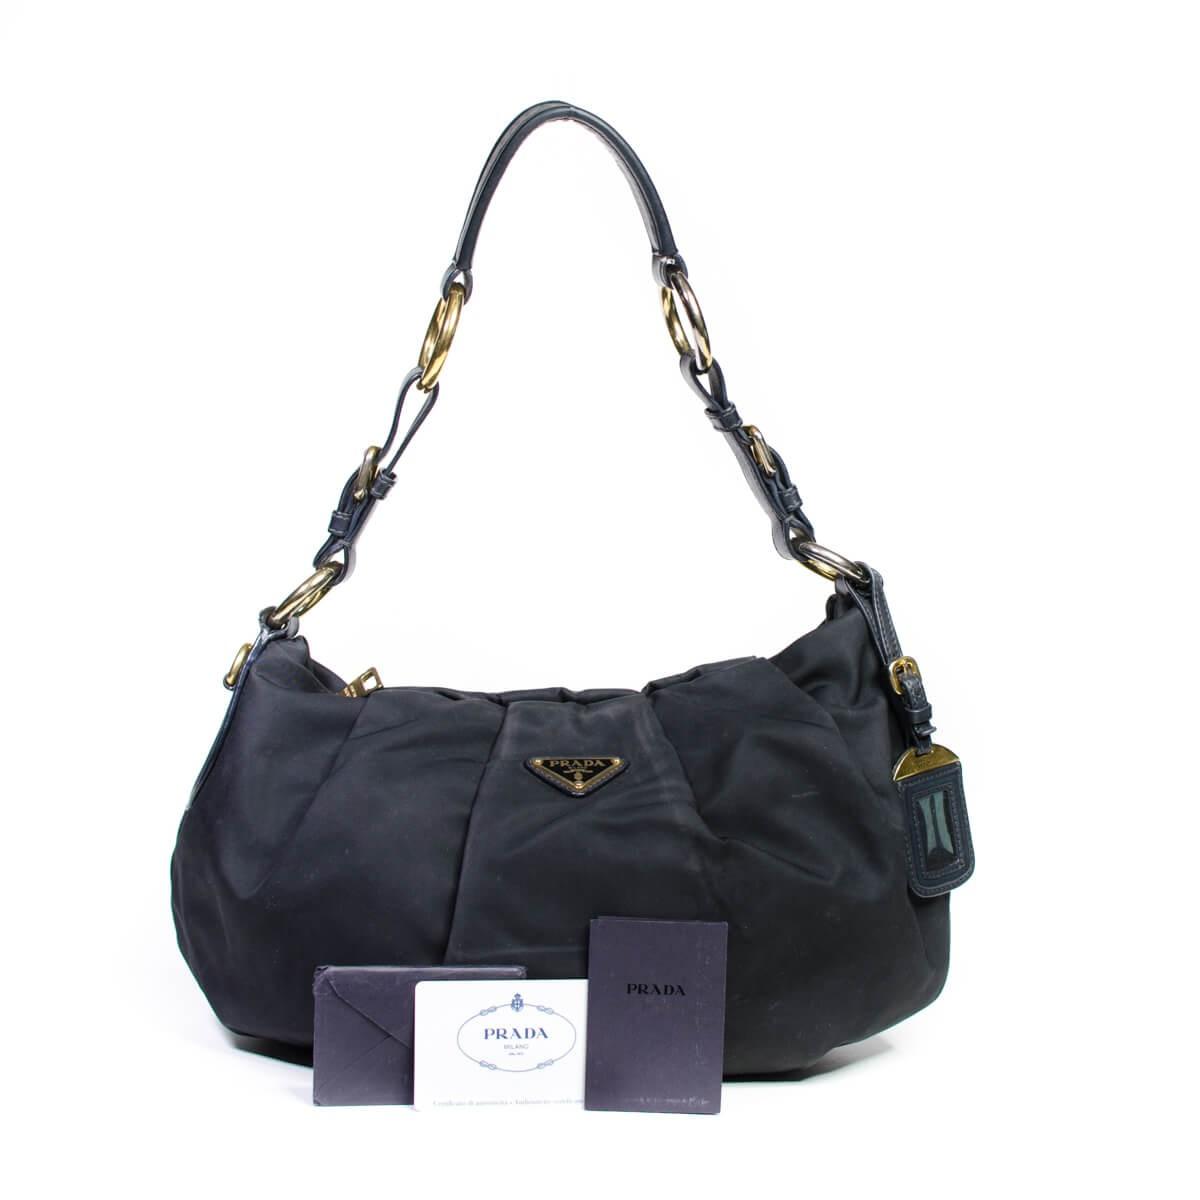 53aacbc9e9 Prada Tessuto Nylon Shoulder Bag Nero Black